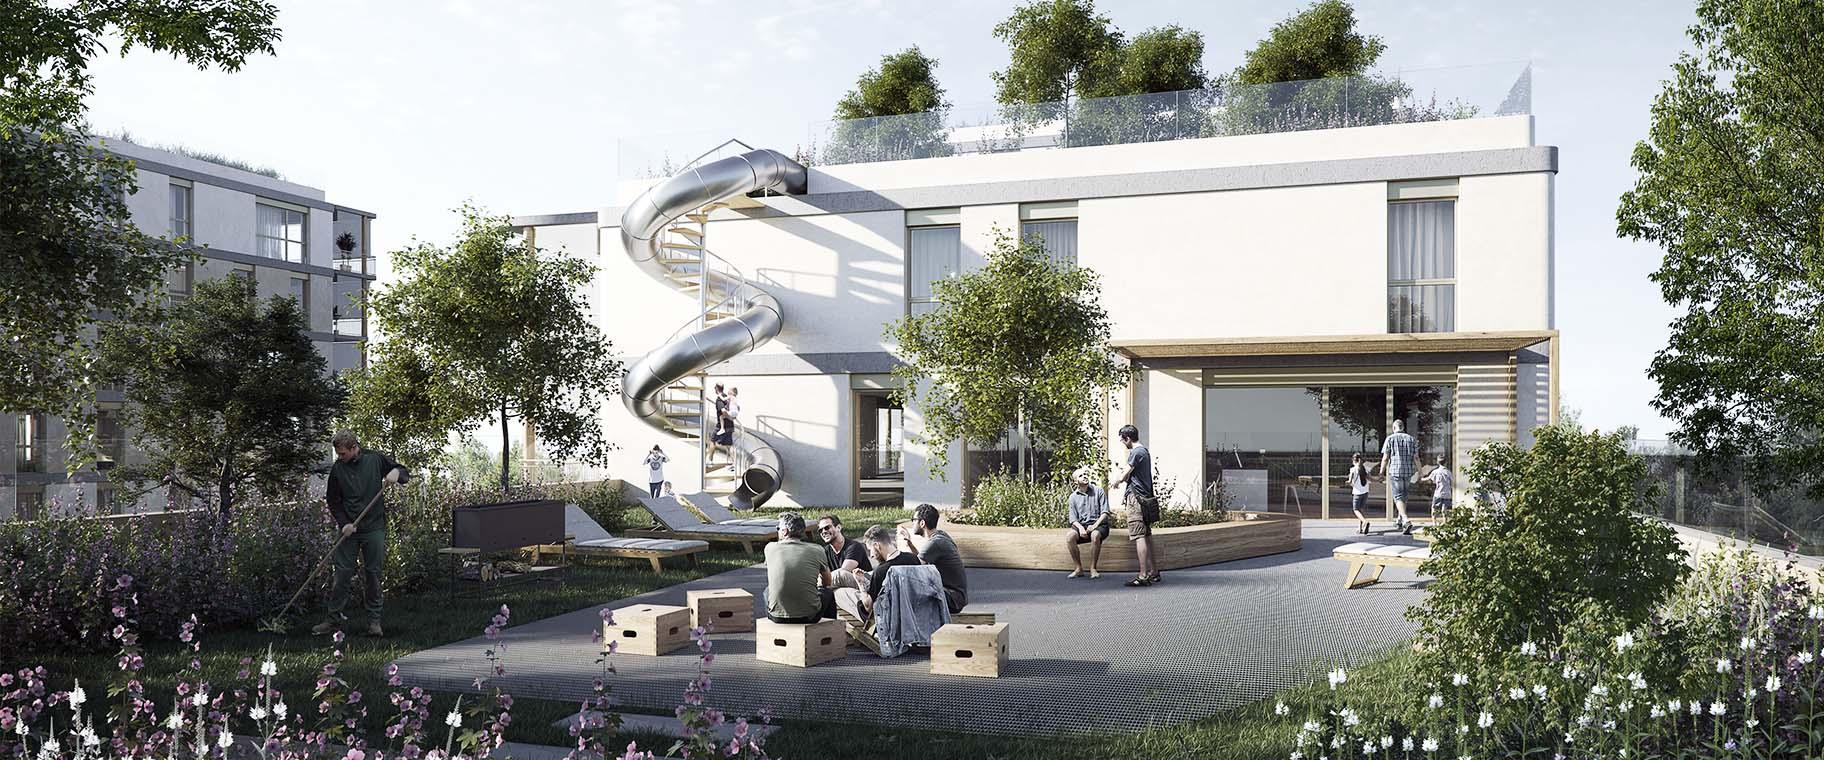 Perspective du projet lauréat pour le concours Chapelle-les-Sciers à Plan-les-Ouates par les bureaux ATBA et VIMADE pour la coopérative la Bistoquette, toiture végétalisé et nature en ville.